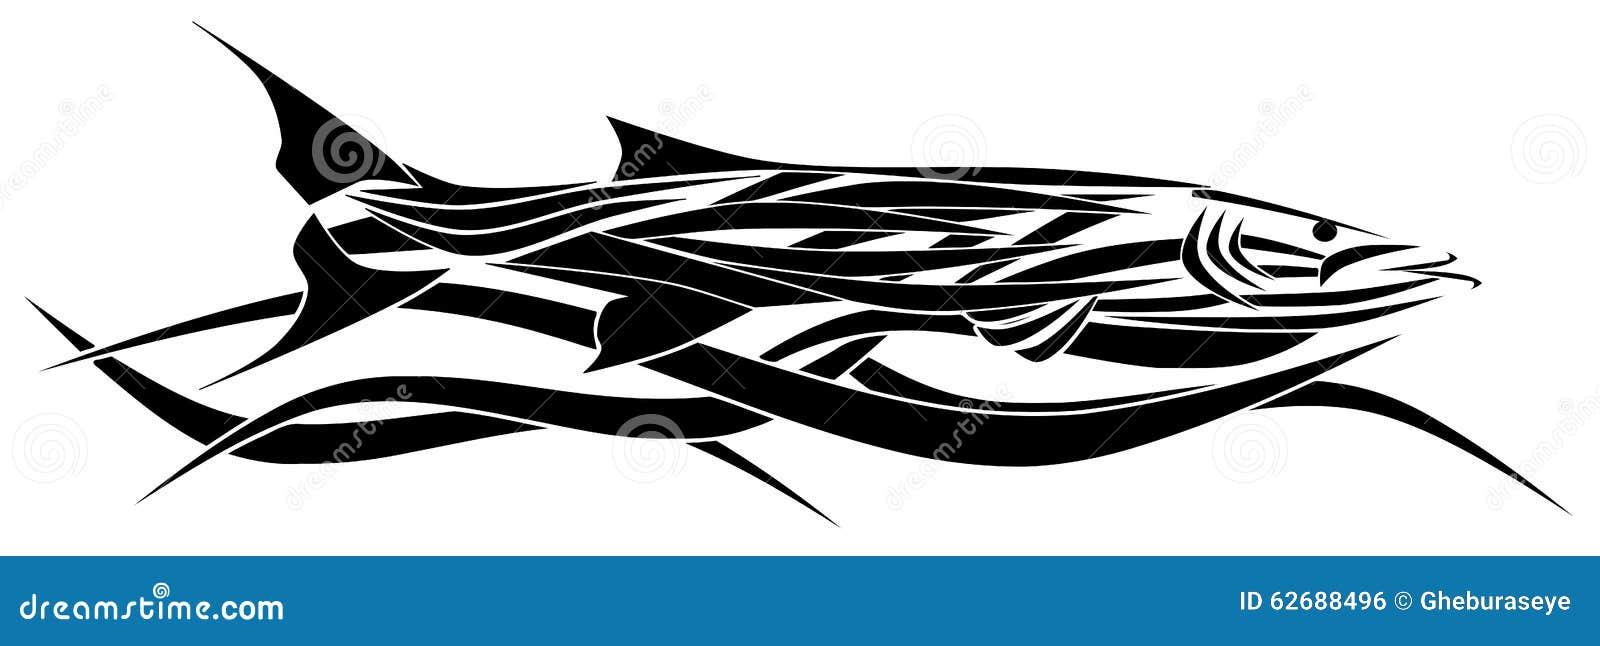 Tatouage stylisé de barracuda d isolement